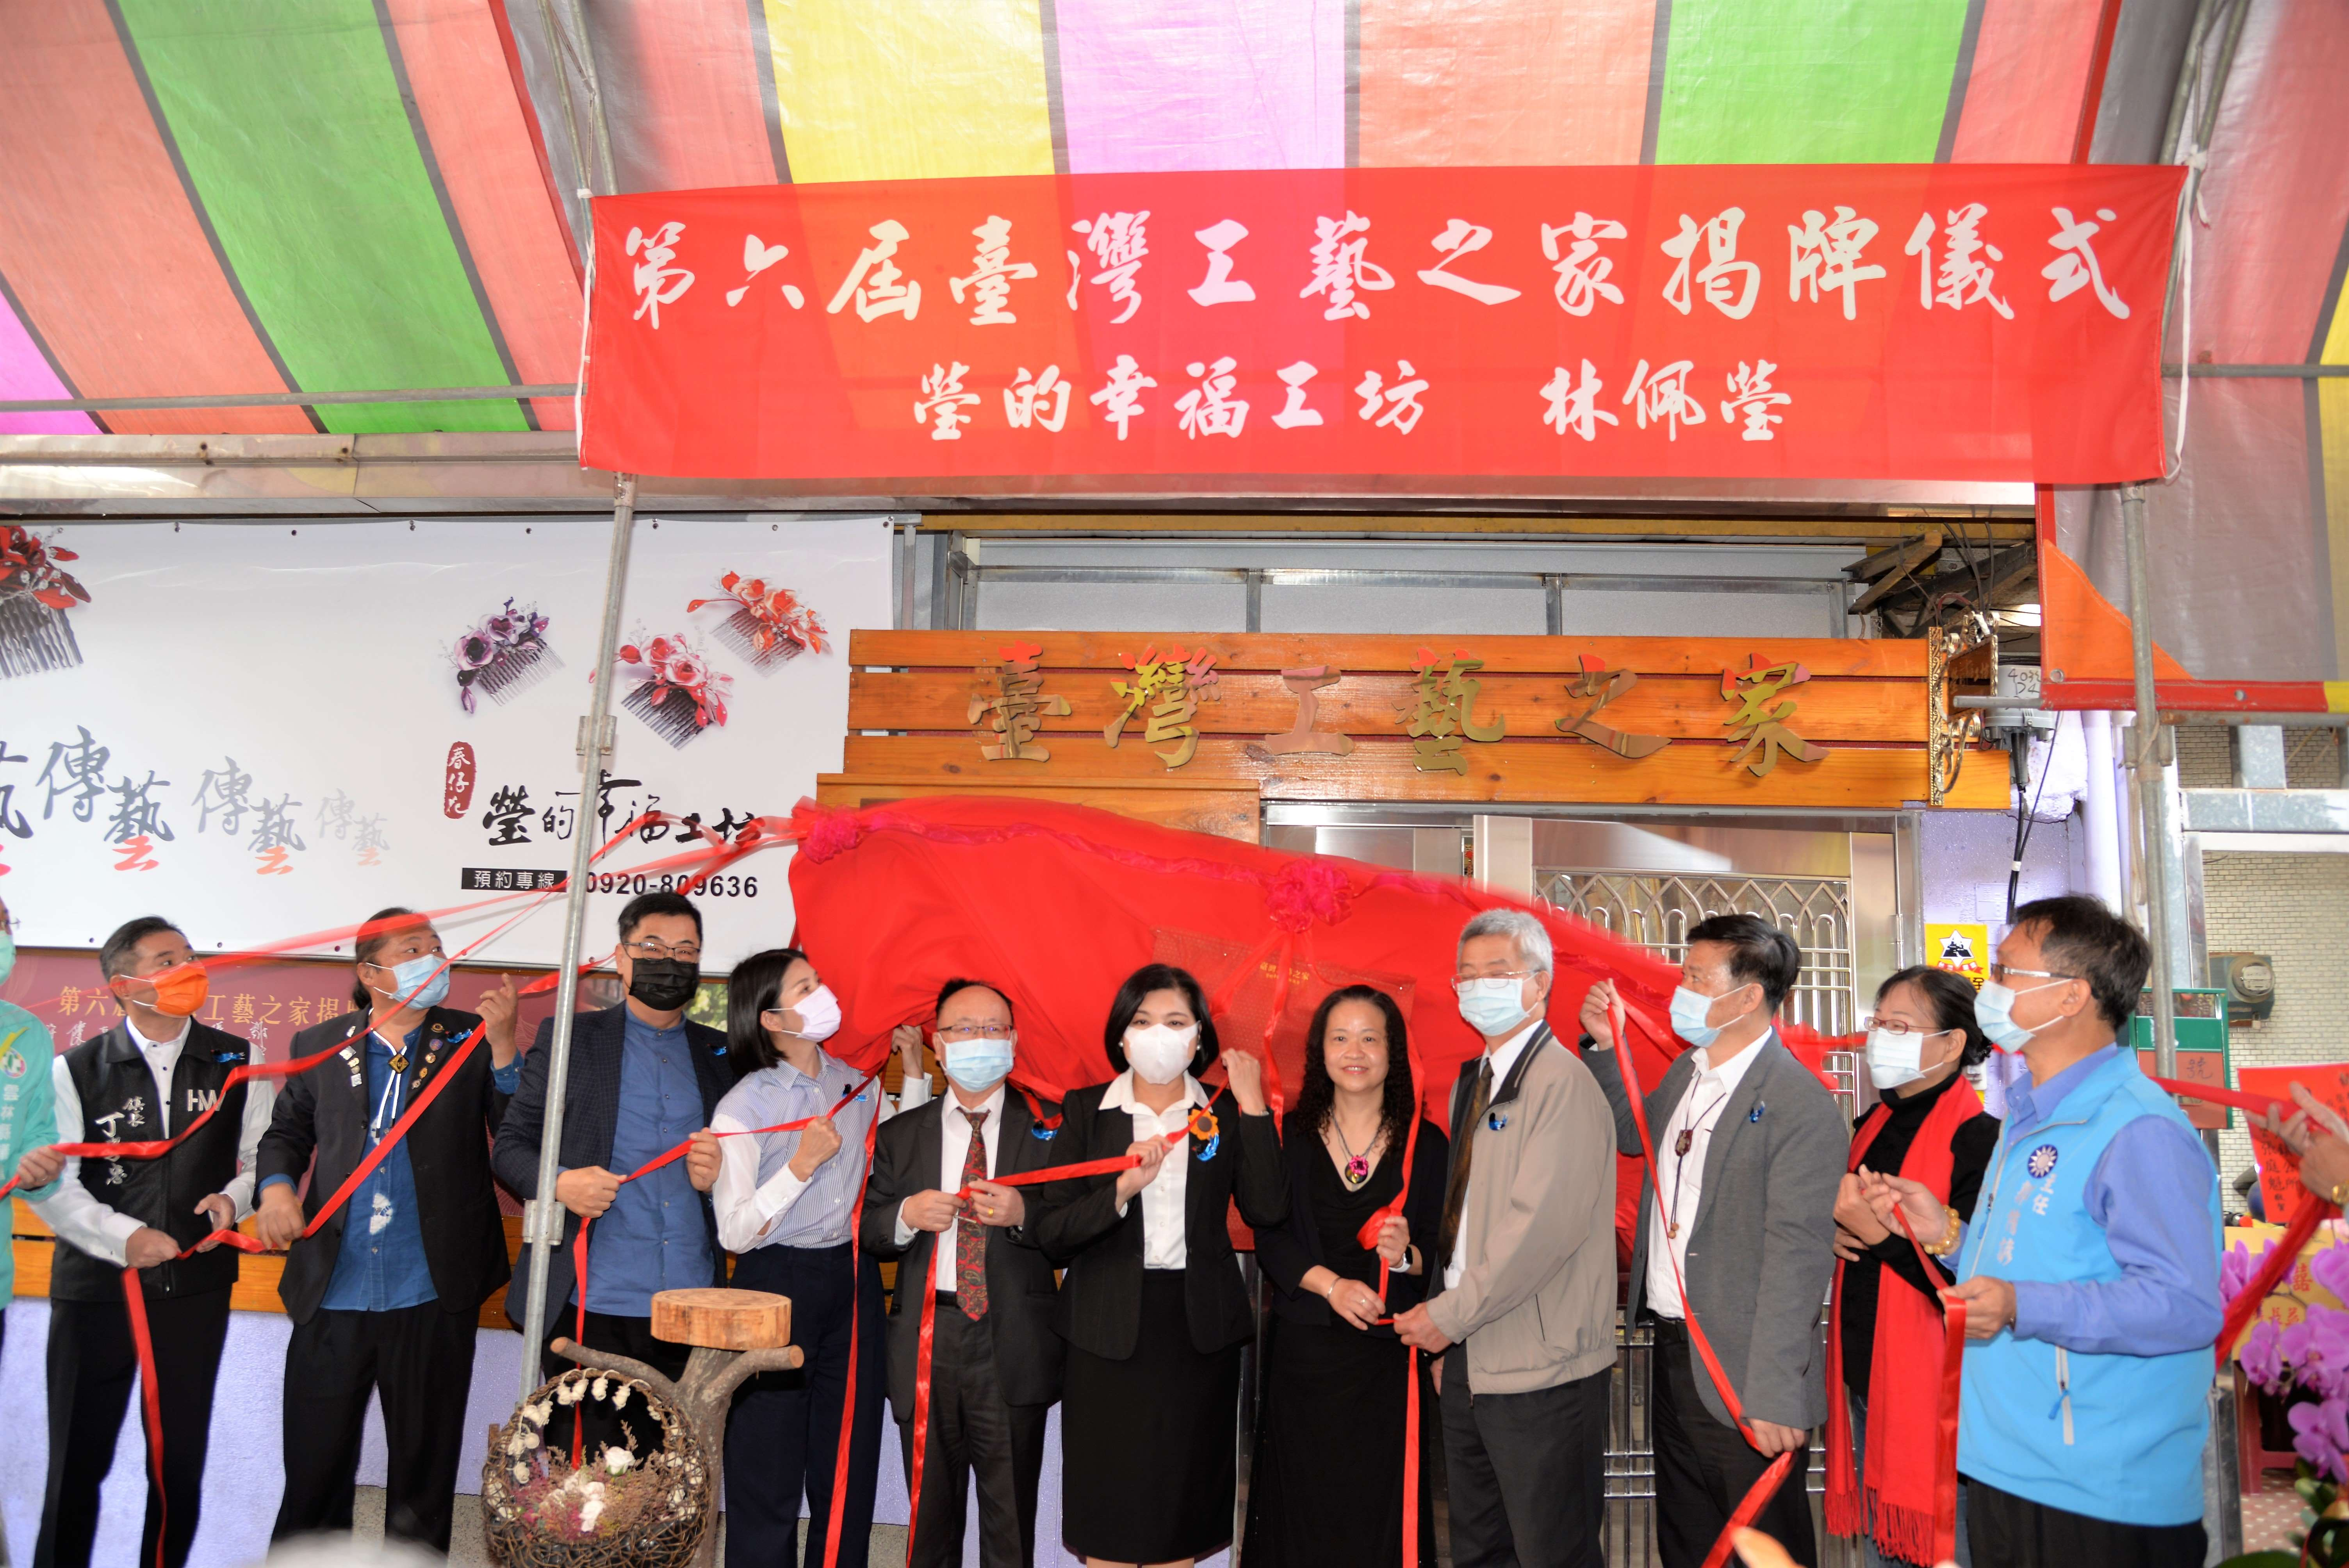 第六屆臺灣工藝之家揭牌-林佩瑩老師「瑩的幸福工坊」